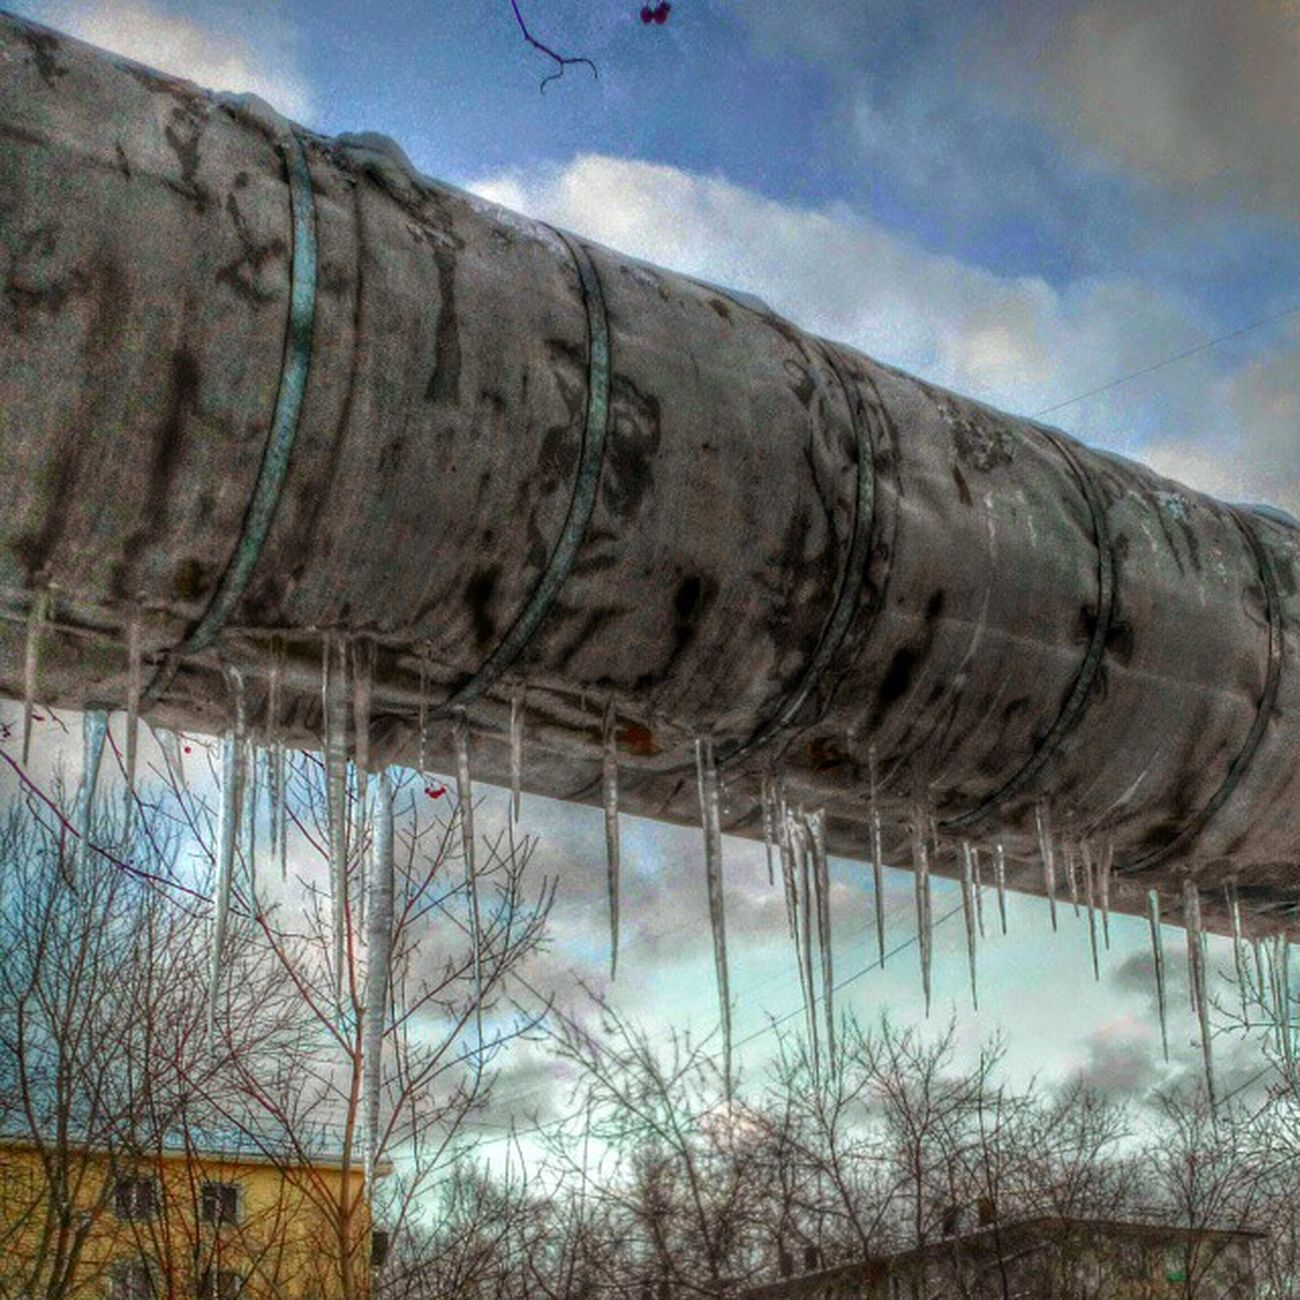 омск сибирь весна март сосульки труба индустриальный Omsk Siberia Spring March Icicle Industrial HDR